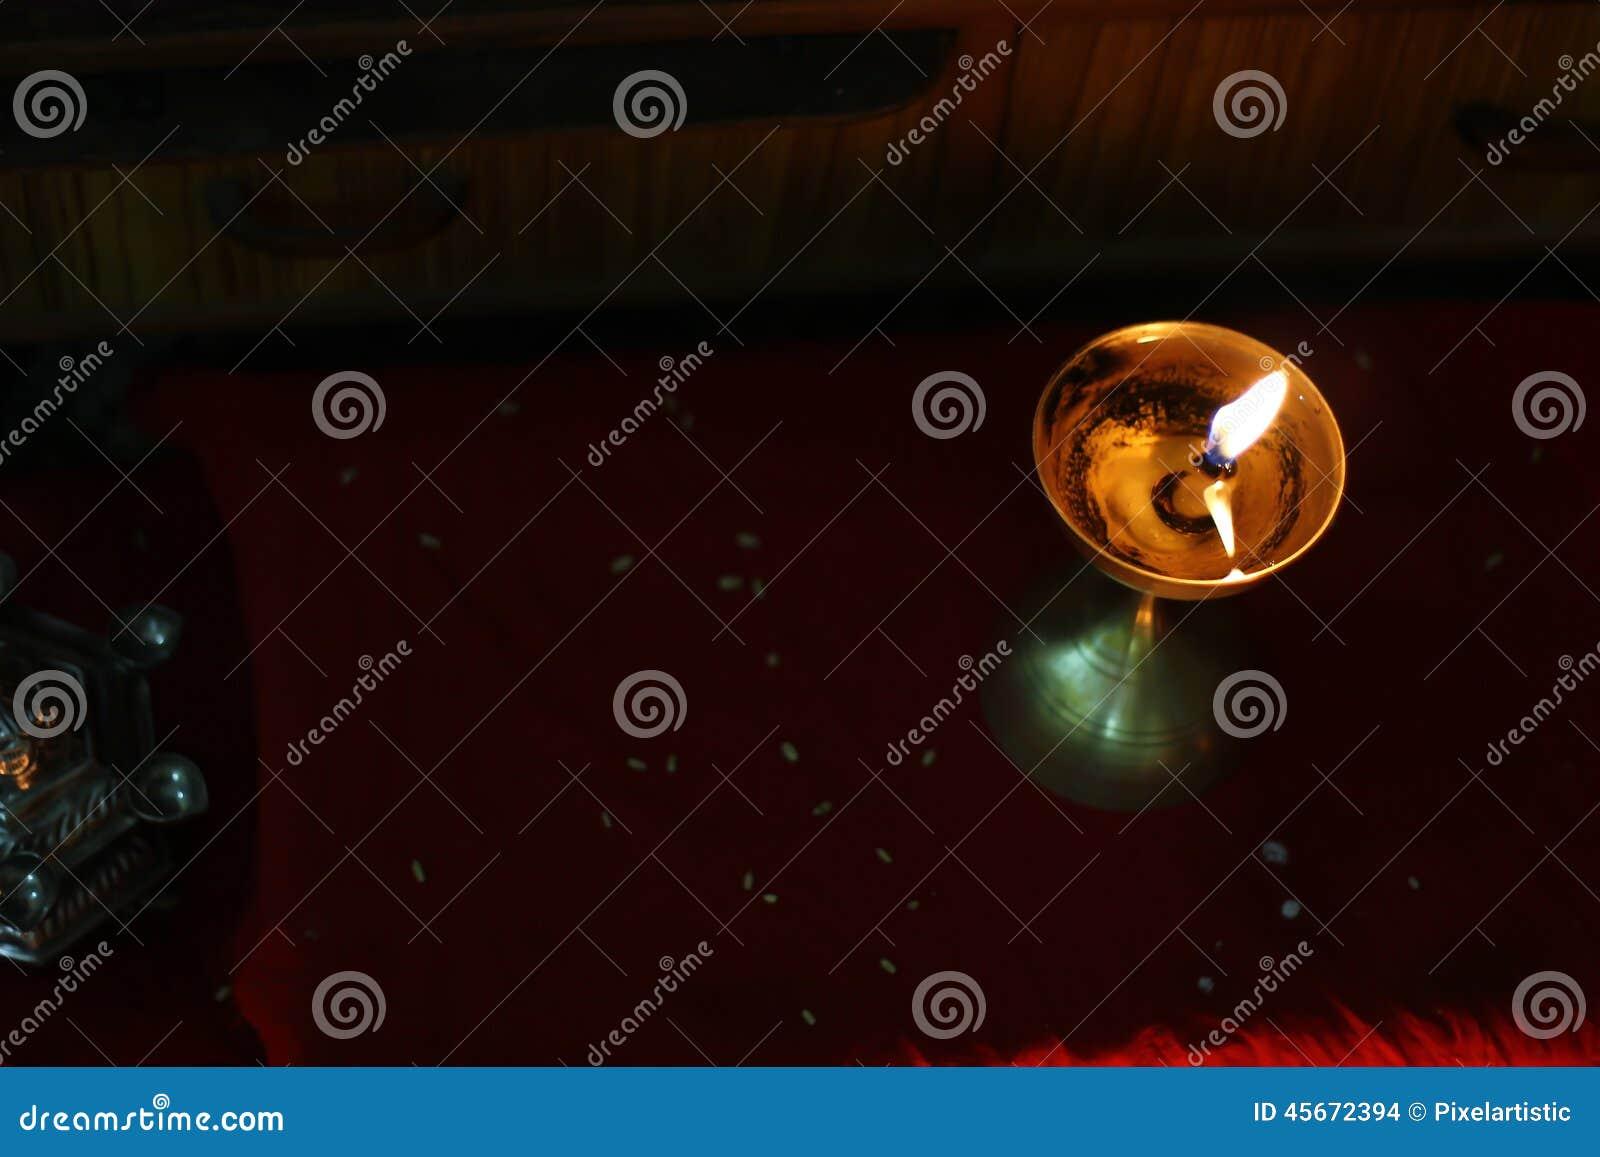 Lâmpada de óleo metálica leve no deepawali